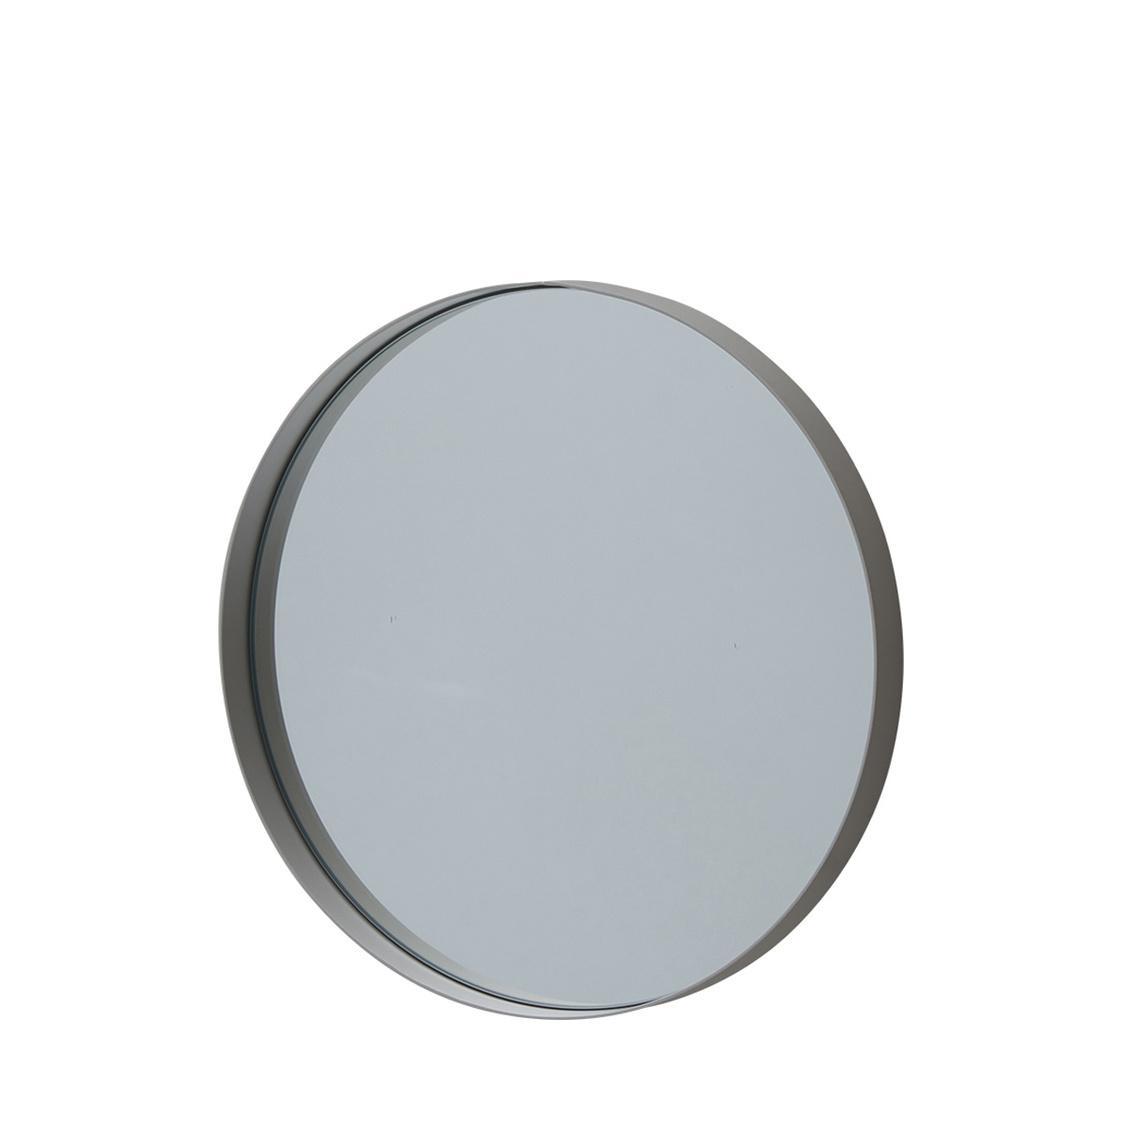 Iloom Glen Studio Round Mirror Hsaa0203-Bg